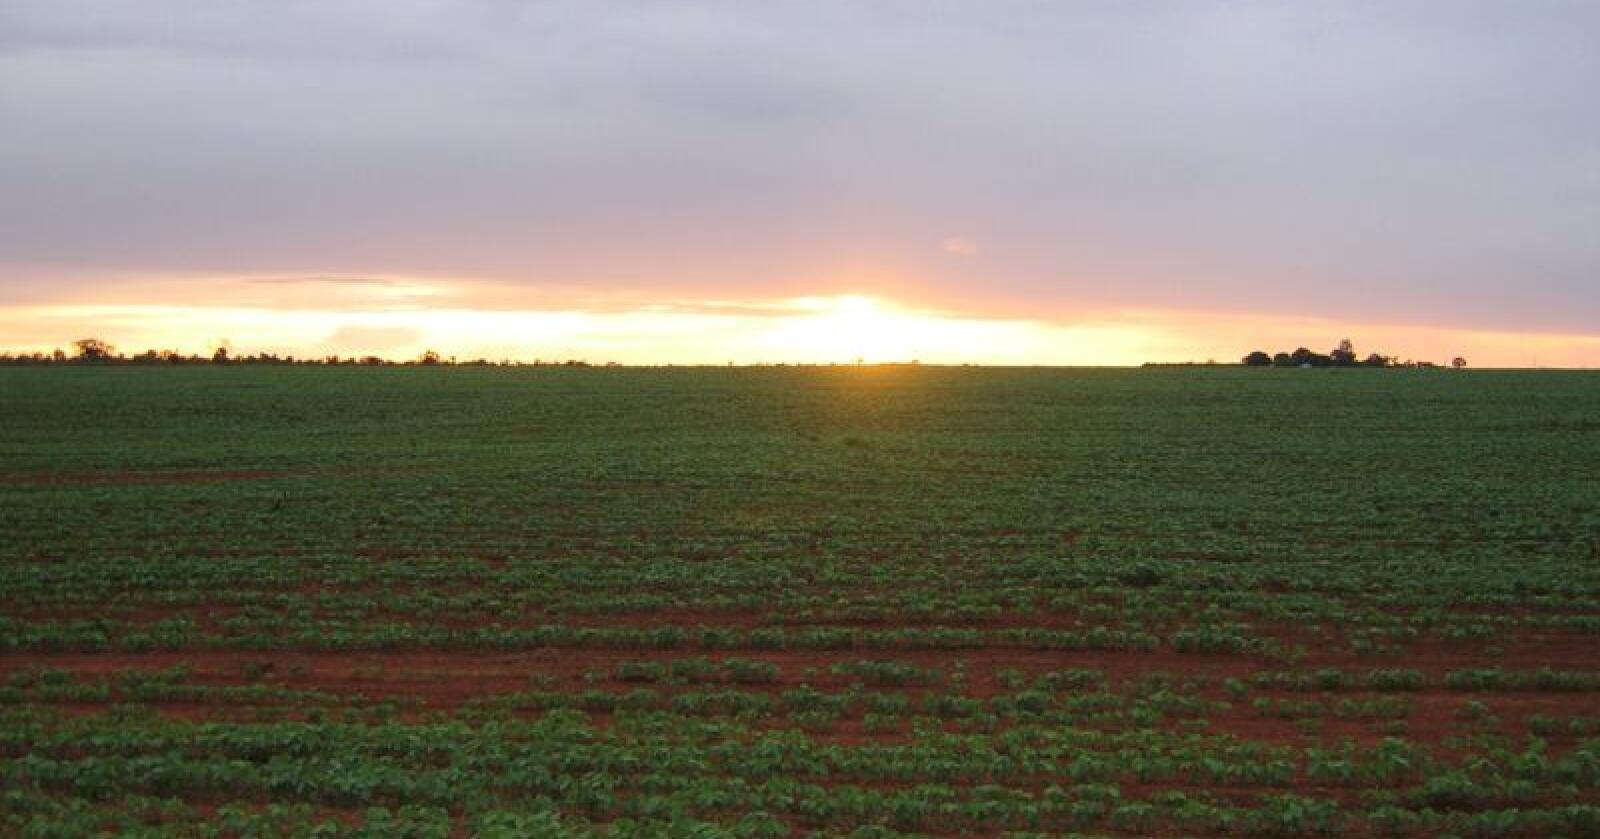 Vinn fram: Produkt frå den sør-amerikanske cerradoen har nyss vunne meir innpass i Europas handlediskar. Foto: Jan Husby